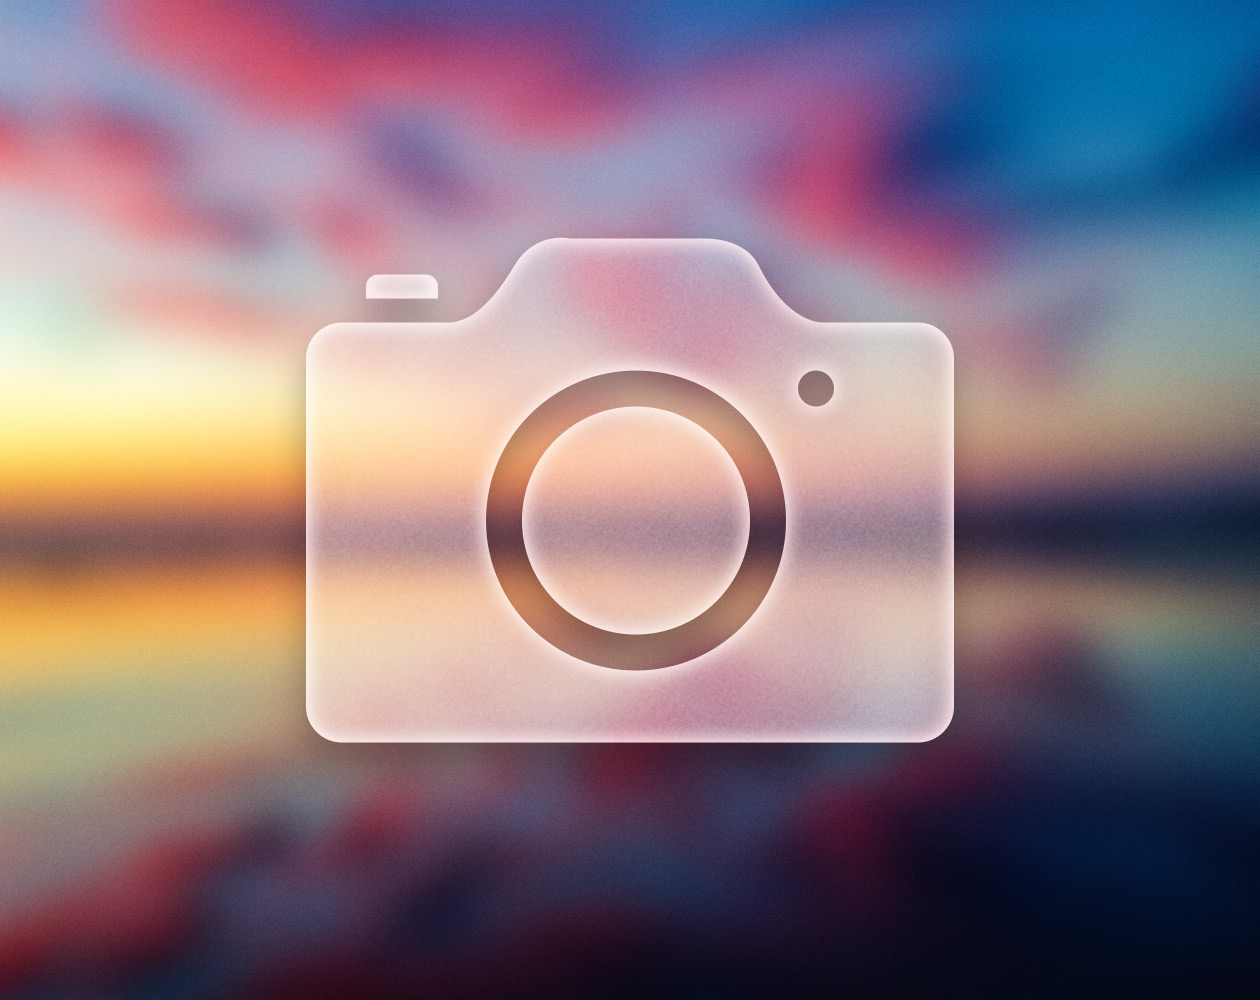 Айфонография, lvl 80: Для красивых фотографий — просто снимайте на iPhone